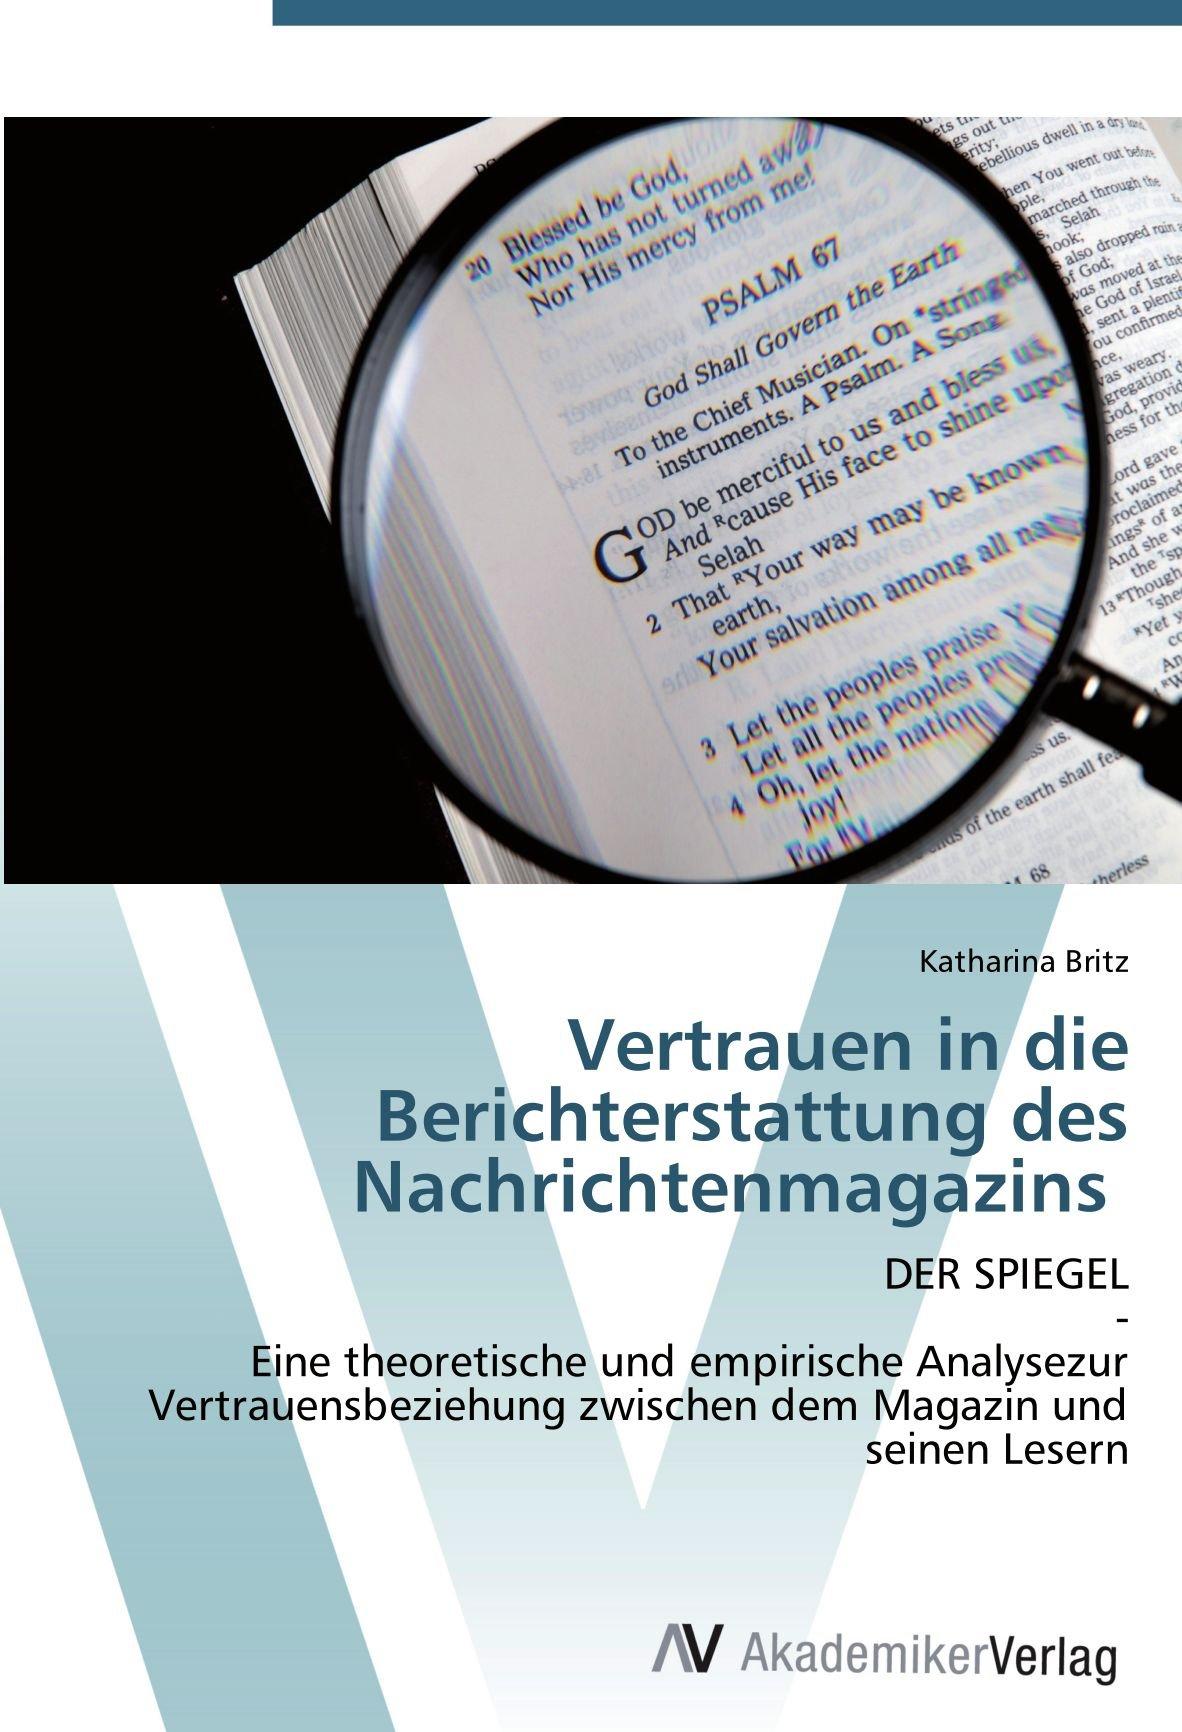 Vertrauen in die Berichterstattung des Nachrichtenmagazins: DER SPIEGEL - Eine theoretische und empirische Analysezur Vertrauensbeziehung zwischen dem Magazin und seinen Lesern